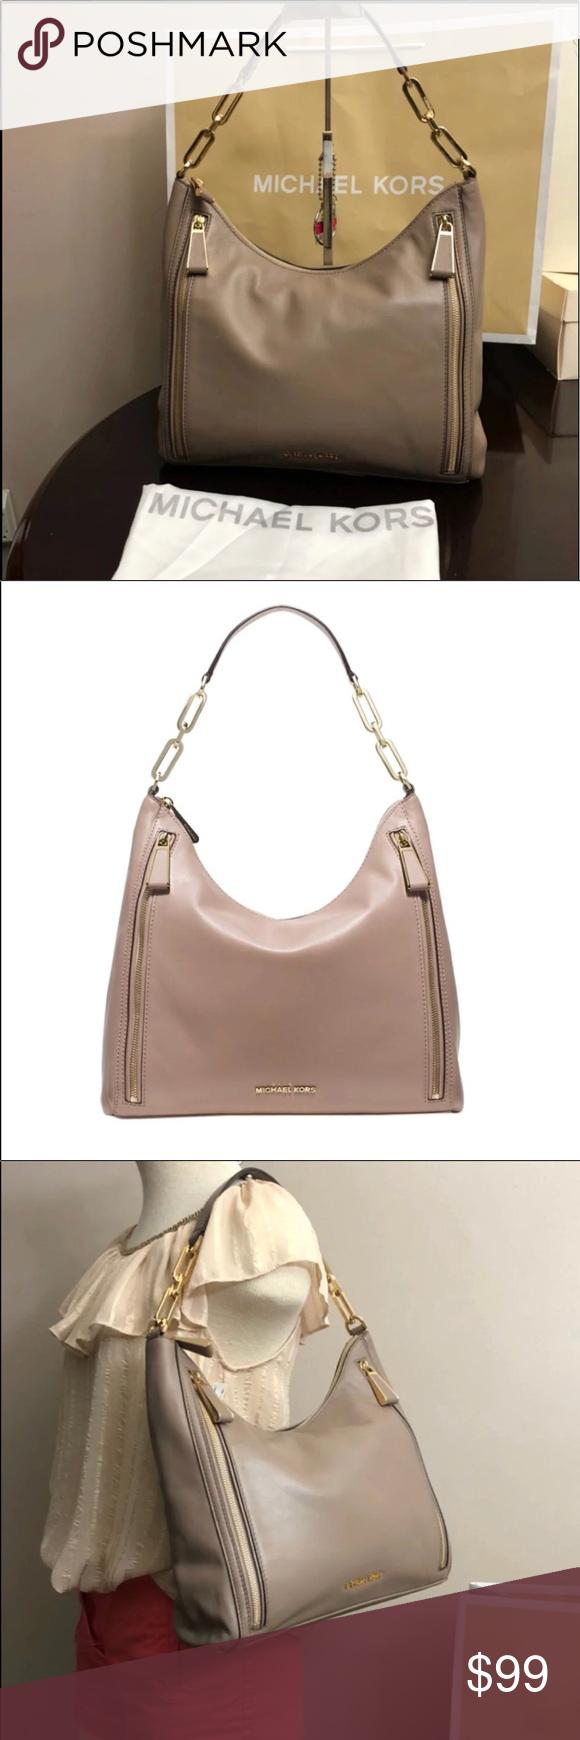 516965105966 Michael Kors Matilda Large Shoulder Bag. Manufacturer  Michael Kors Model   30H5GMTL3L Color